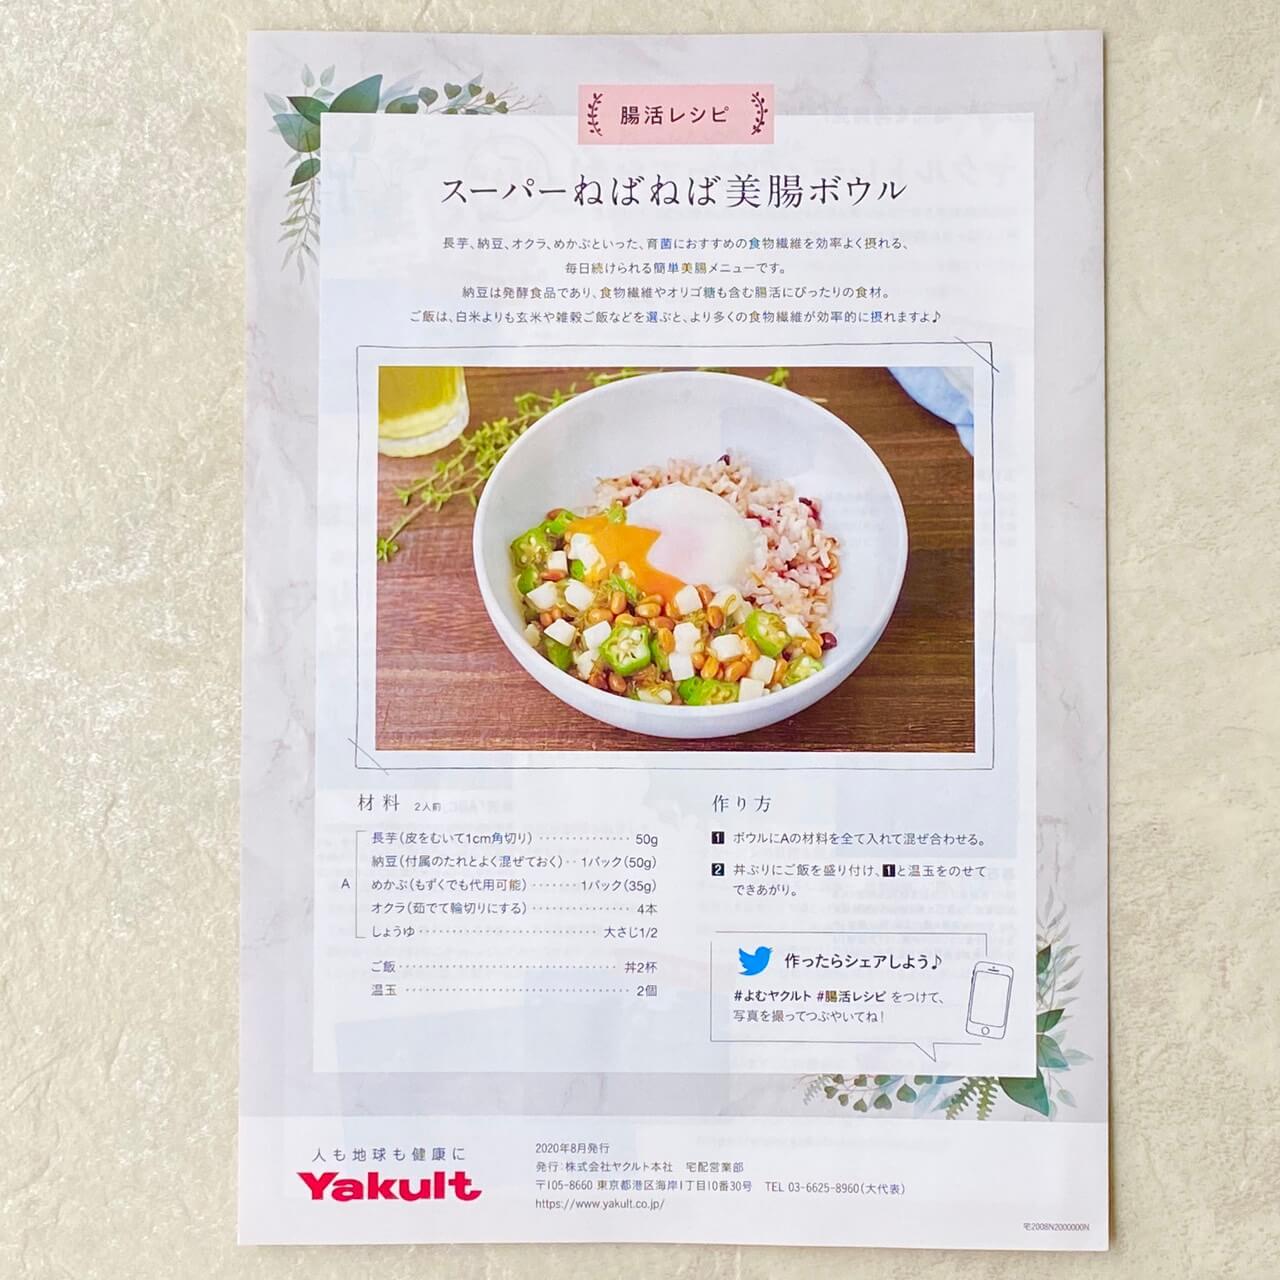 #よむヤクルト|腸活レシピ|藤橋ひとみ|スーパーねばねば美腸ボウル